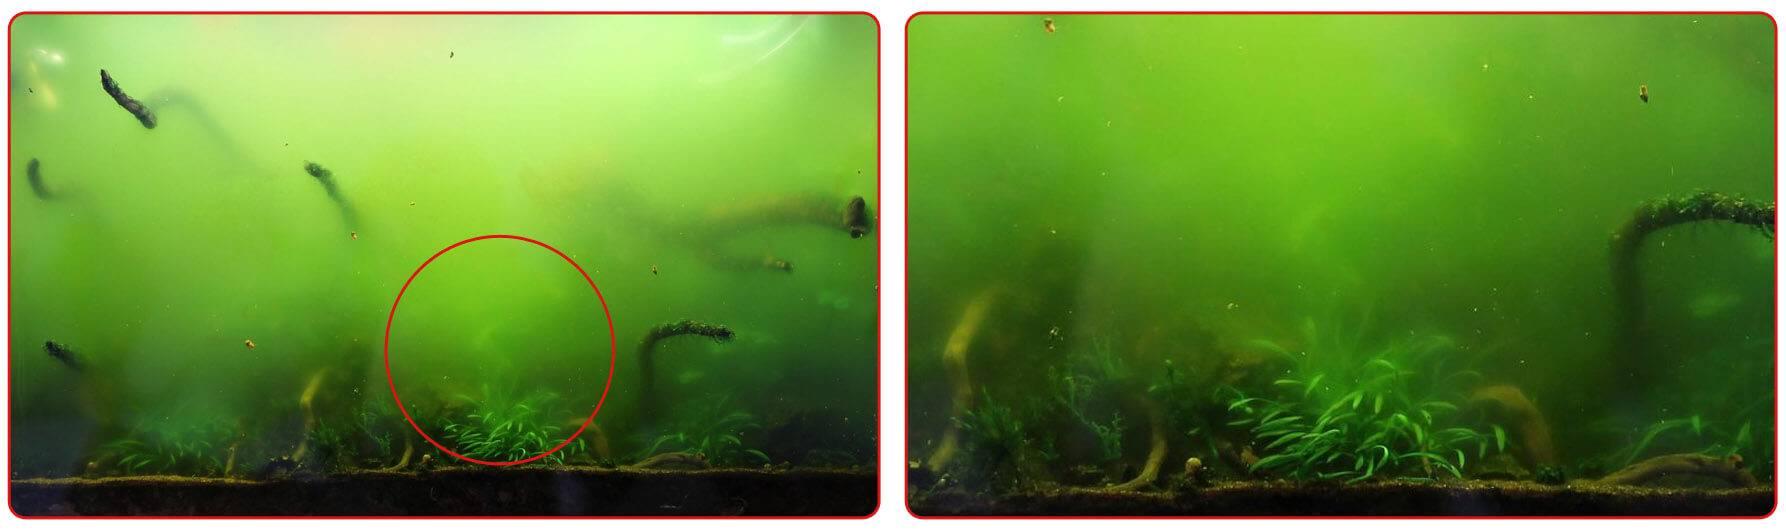 Не растут растения в аквариуме - что делать и как избежать